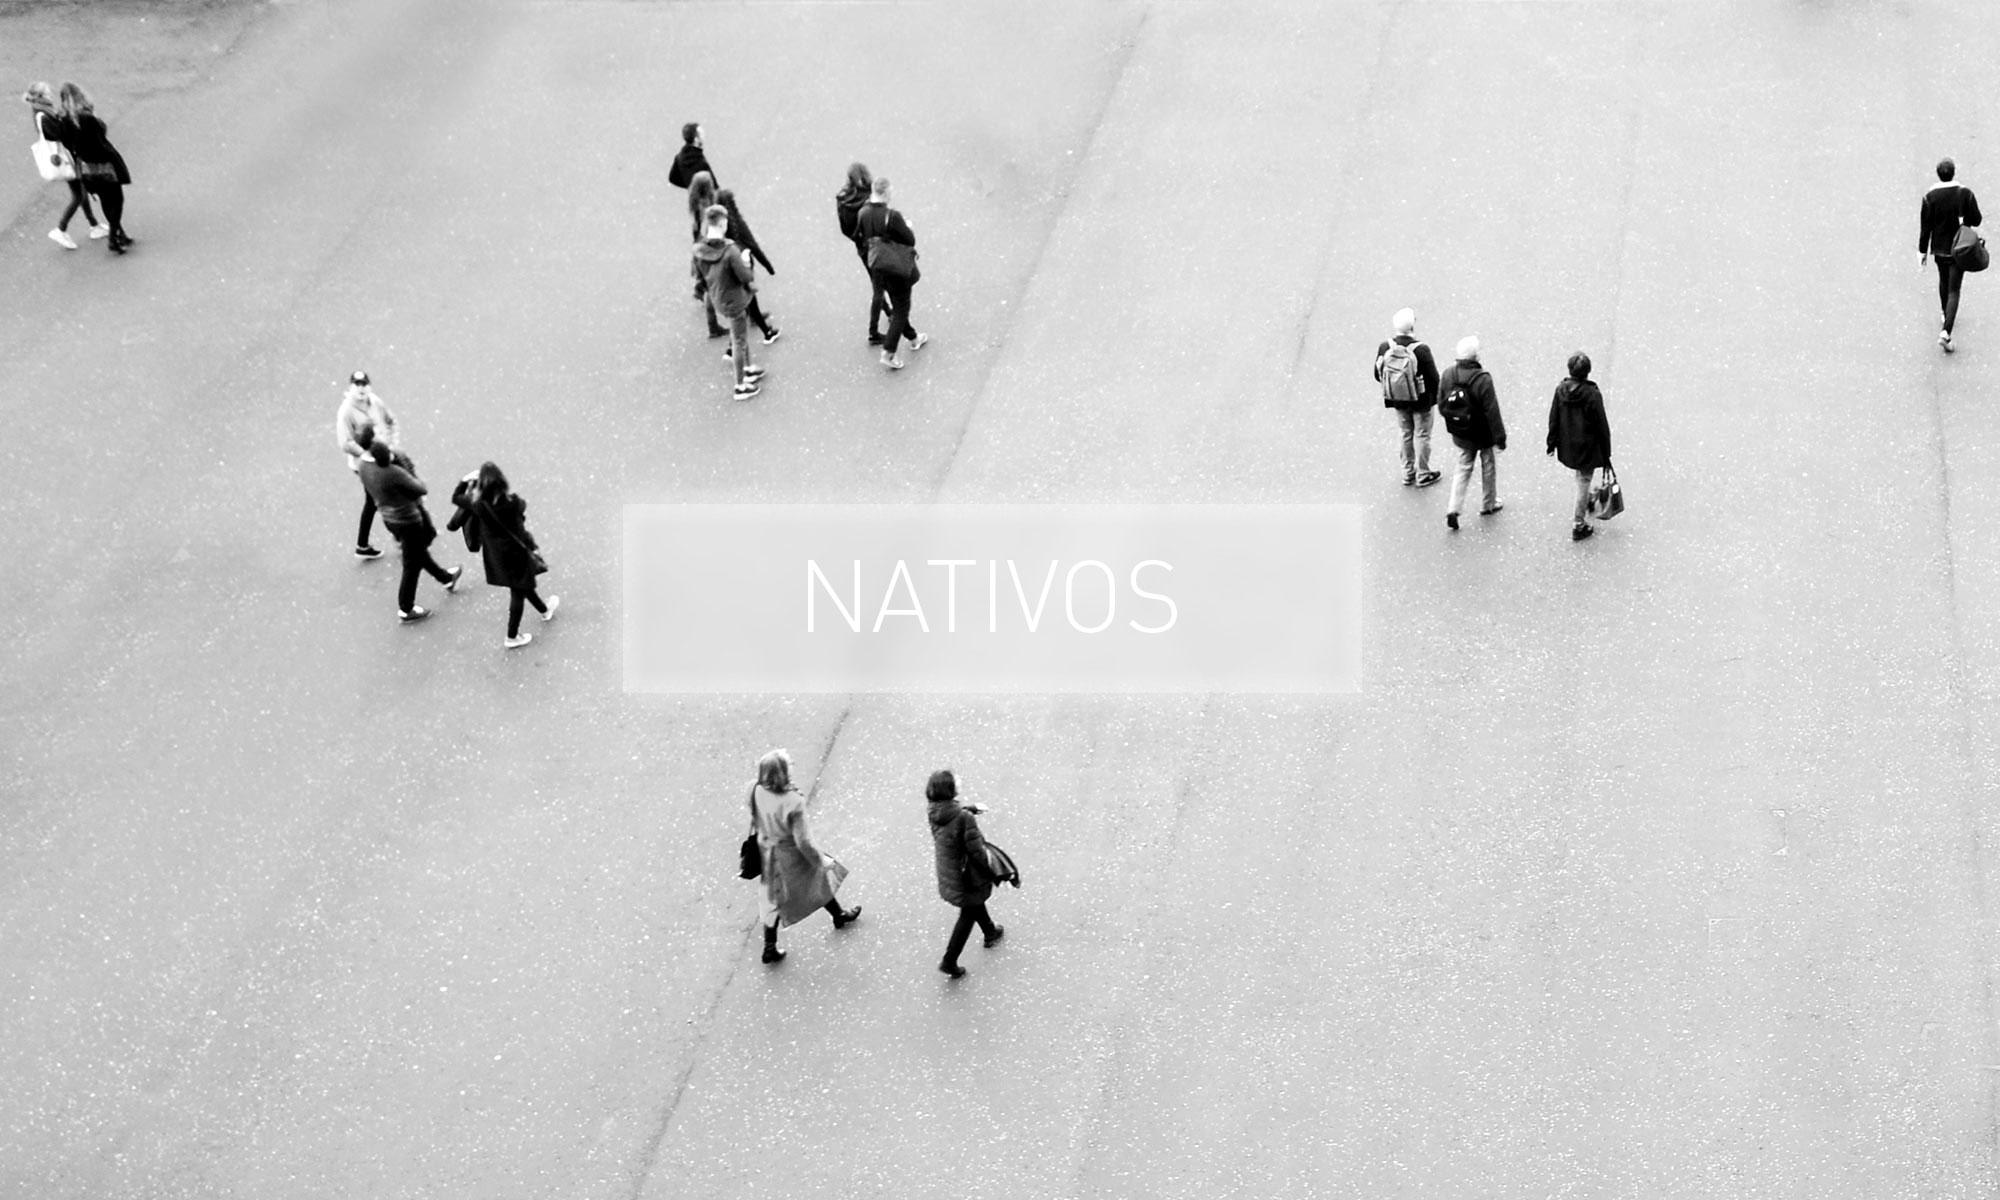 nativos-aveiro-john-simitopoulos